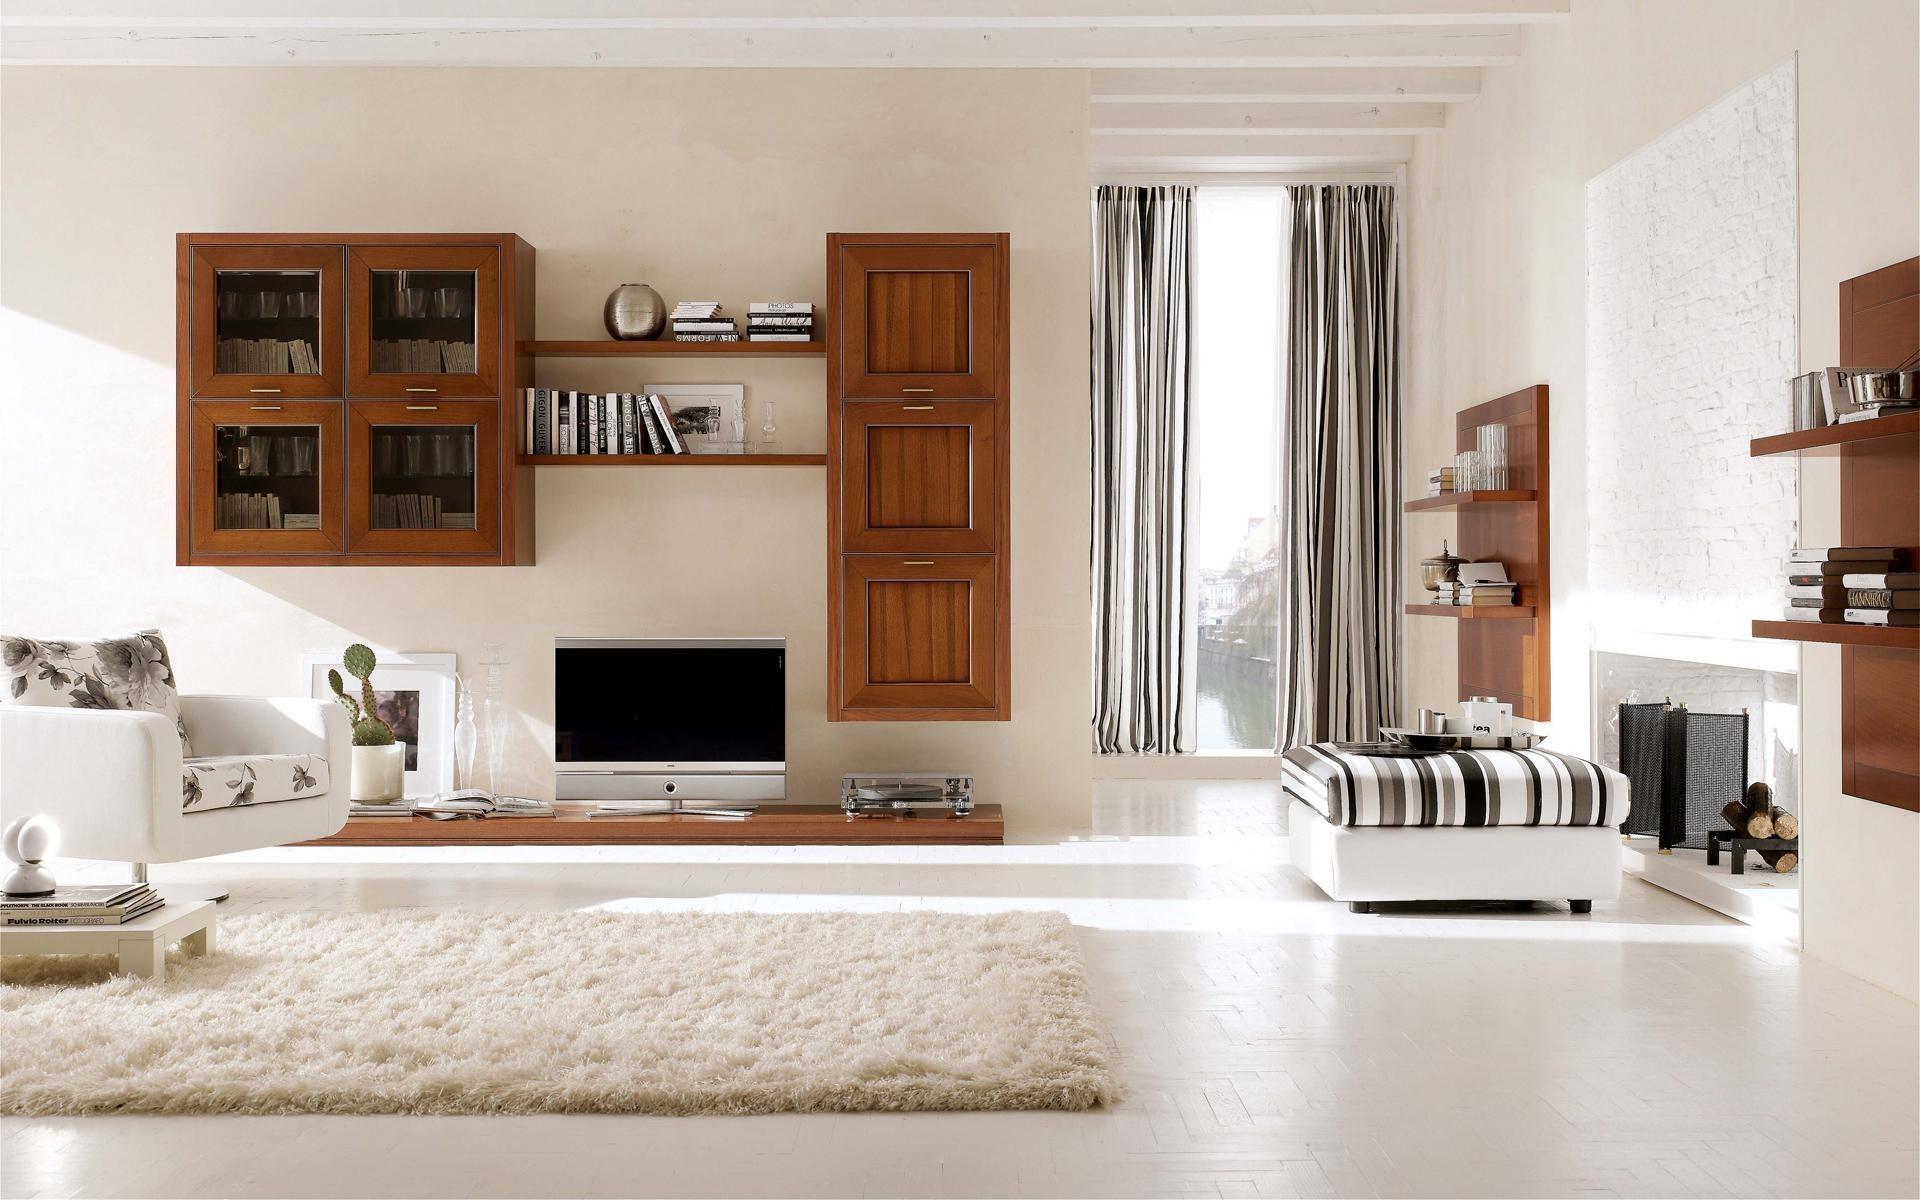 arredamento soggiorni classici - Cerca con Google | Idee per la casa ...